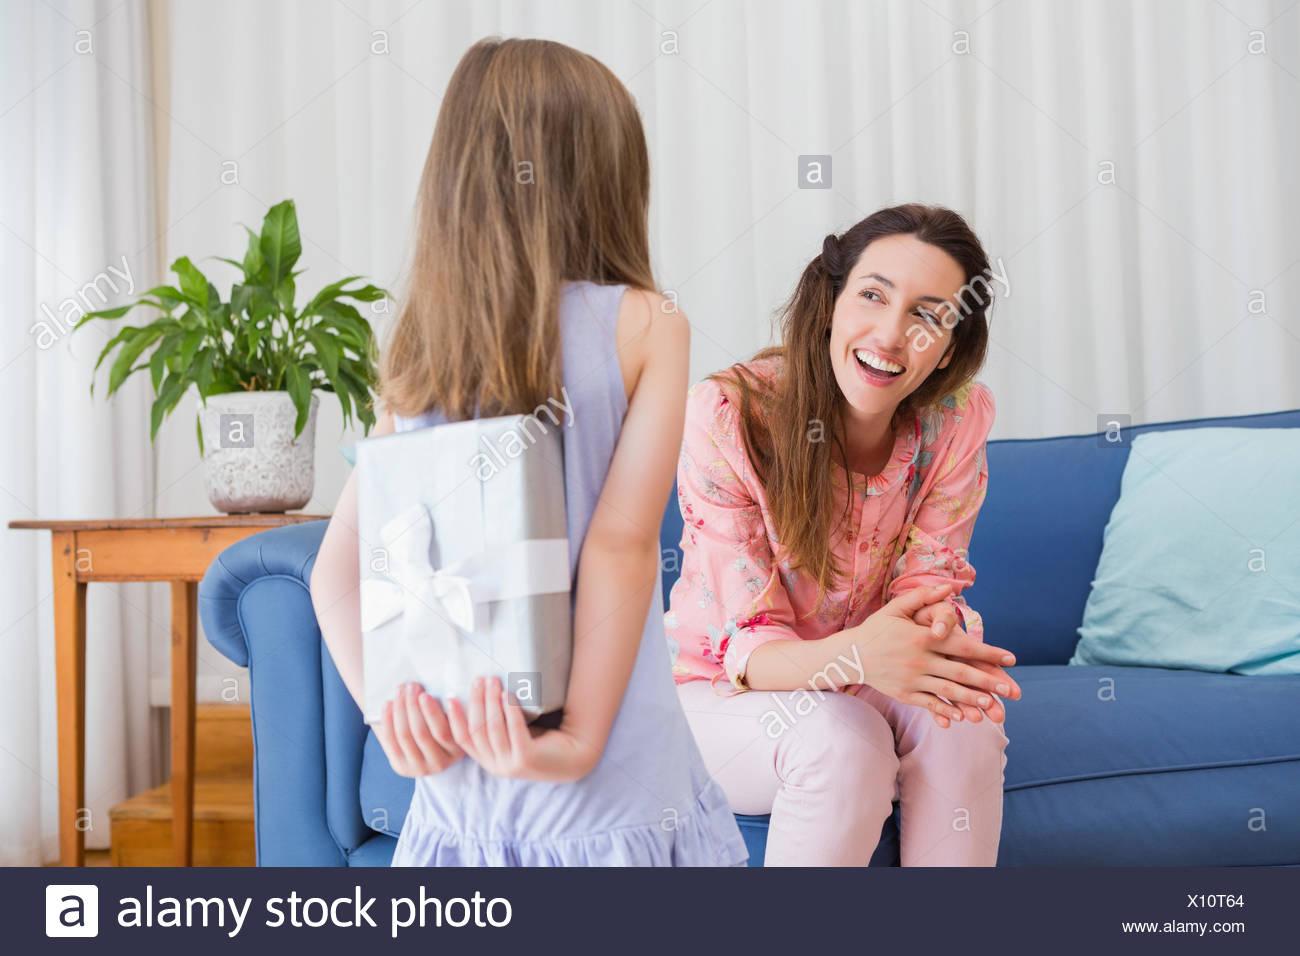 Hija de madre con regalo sorprendente Imagen De Stock